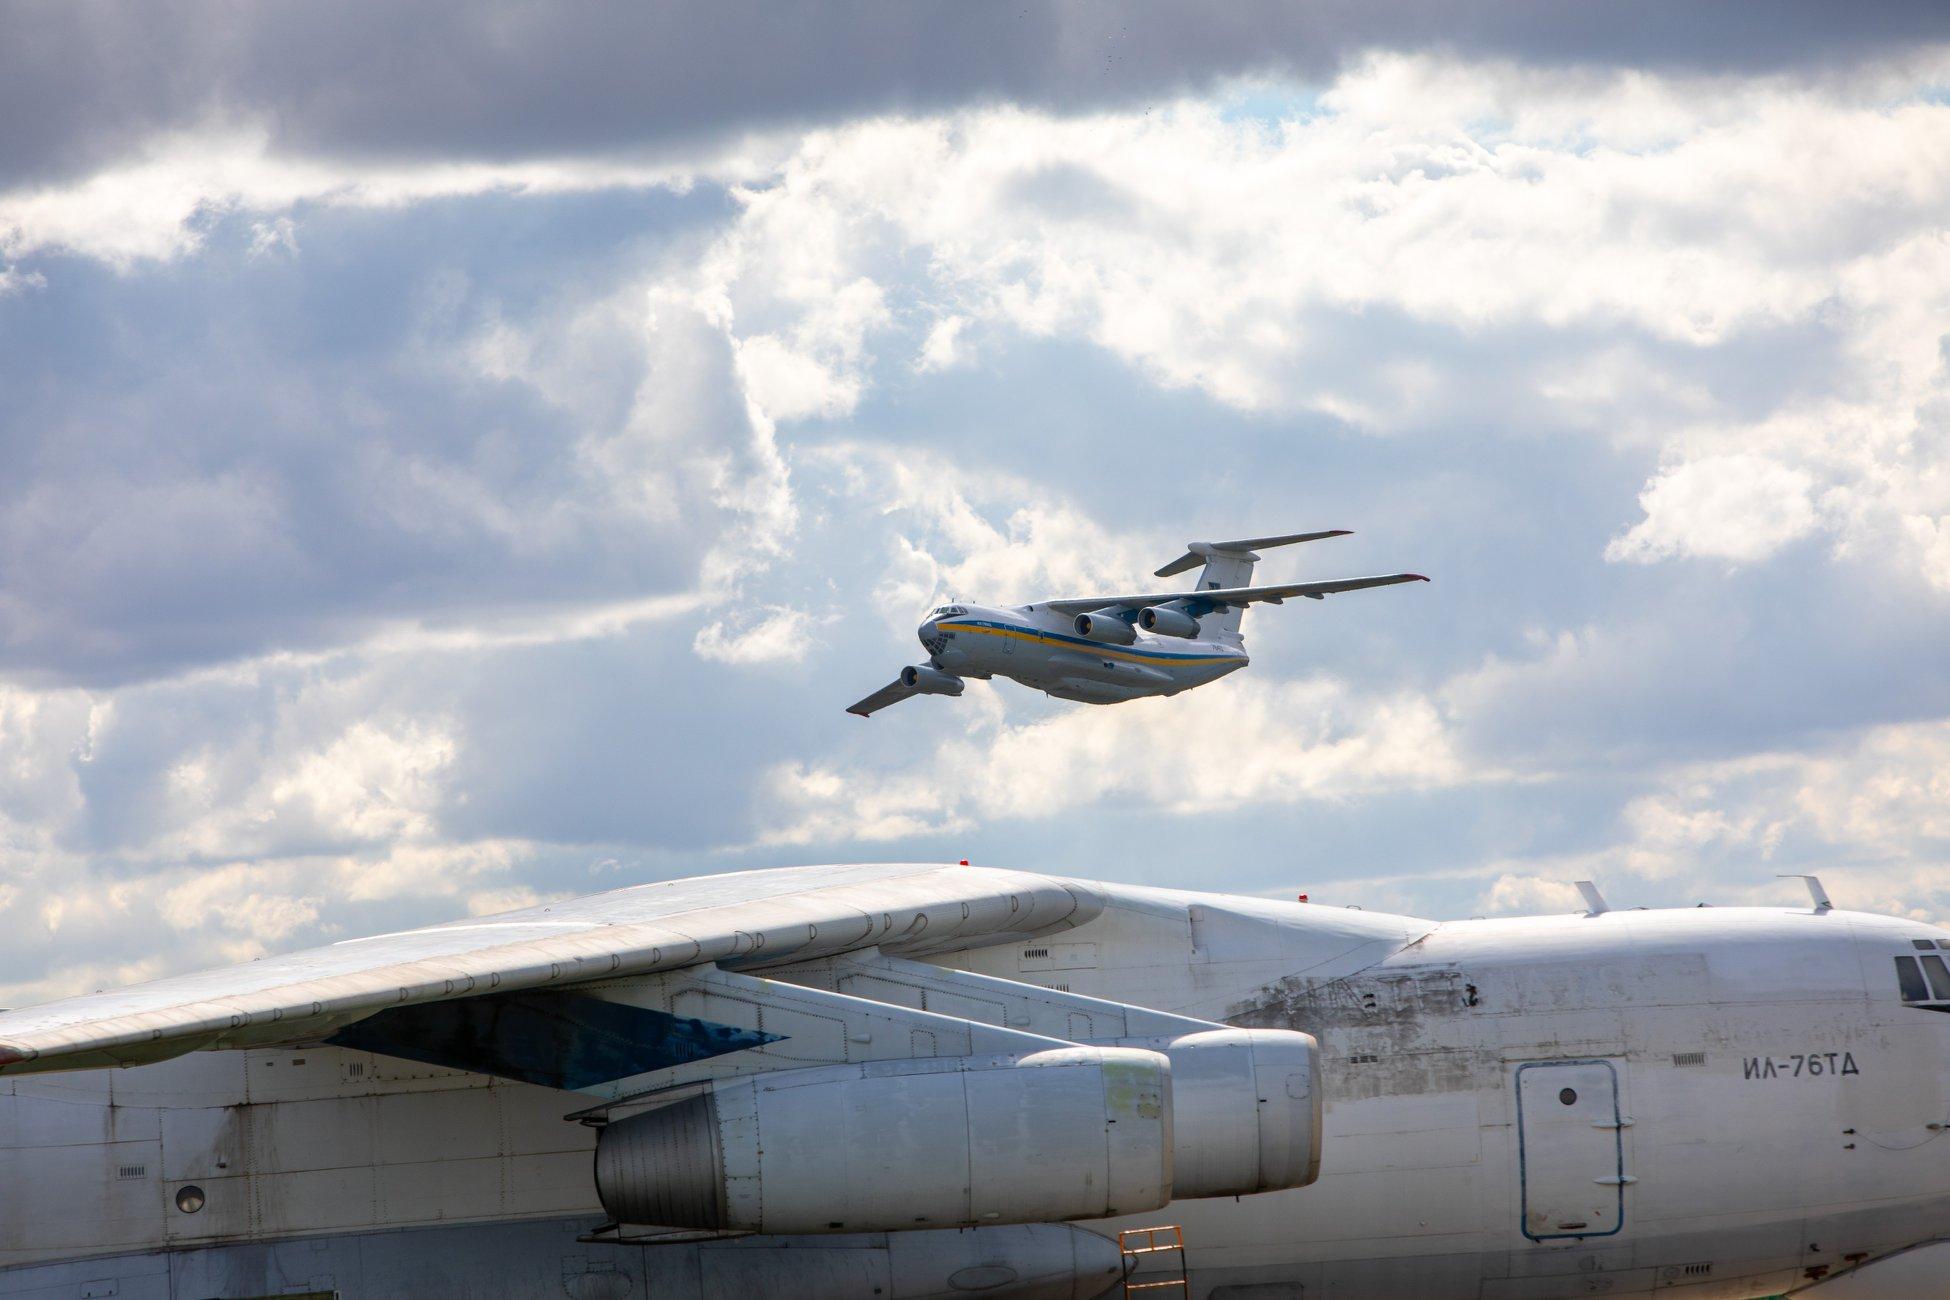 A szélestörzsű szállítógép, az Il-76-os